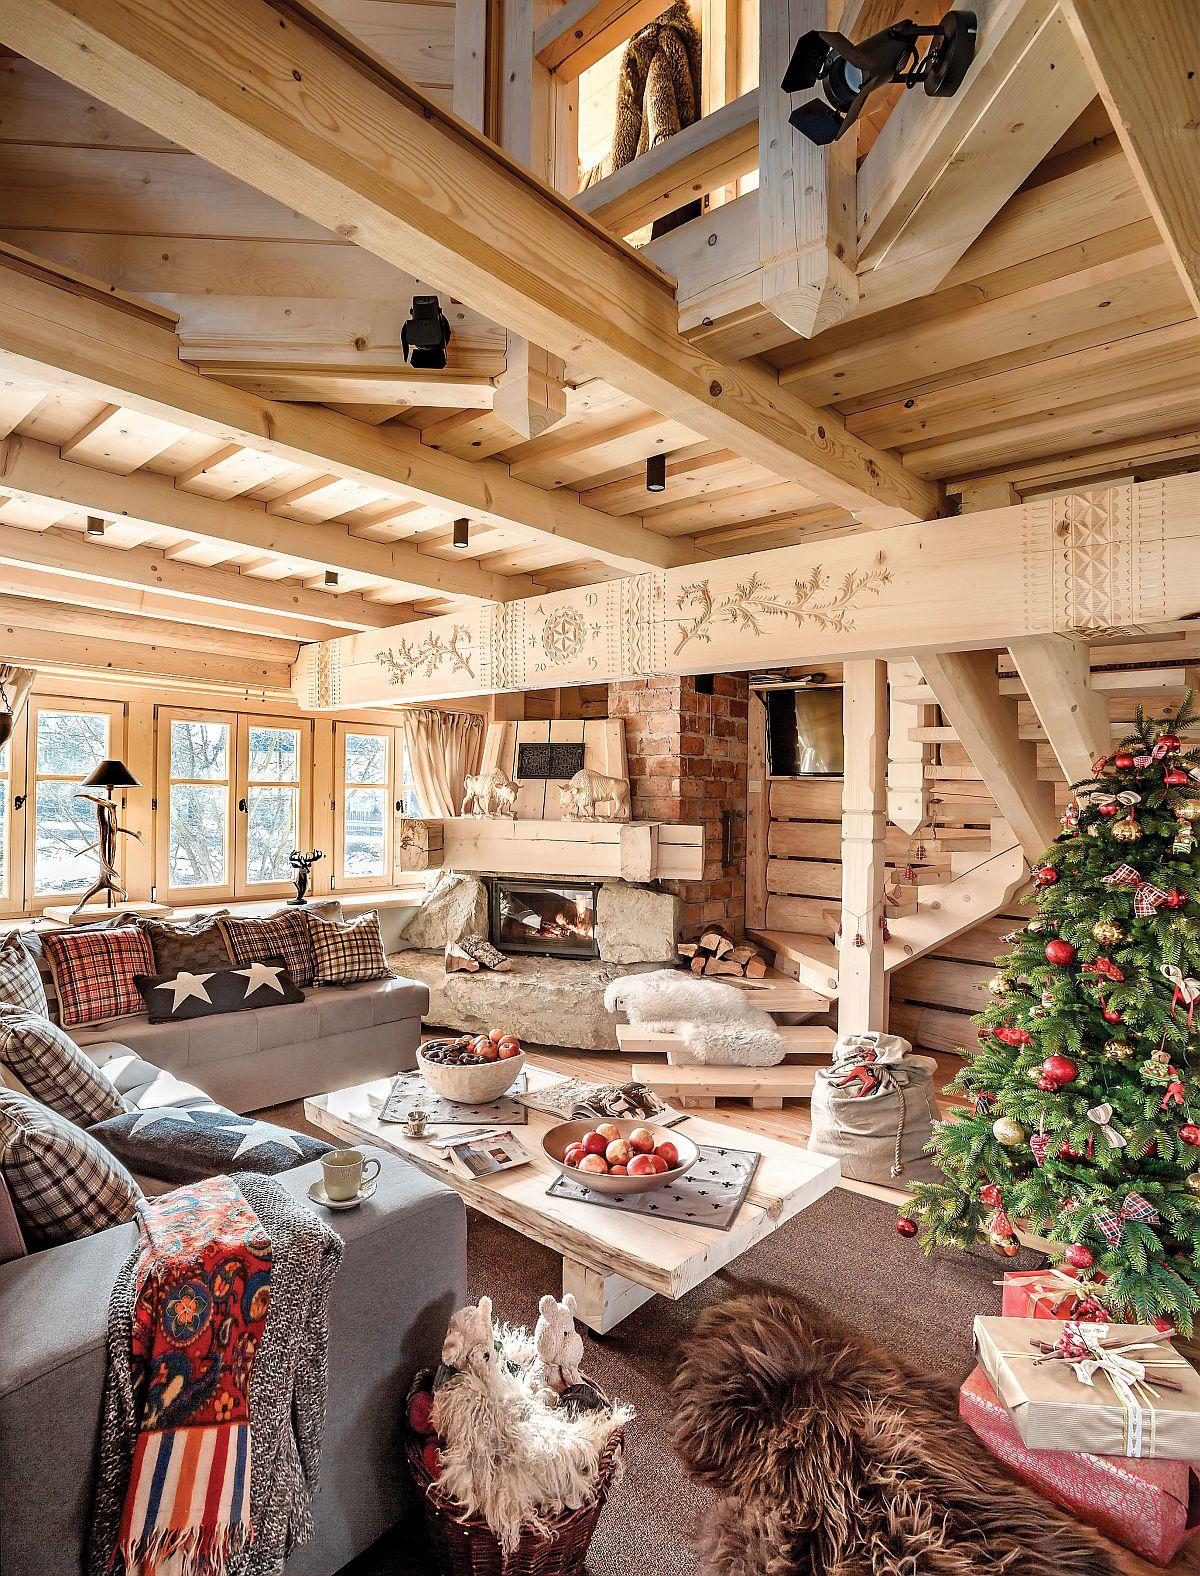 Mai mult, o parte din structura planșeului etajului a fost lăsată la vedere și a fost creat un mic loc de dormit la mezanin pentru a conferi senzația de înălțime unde lemnul masiv domină ambientul.